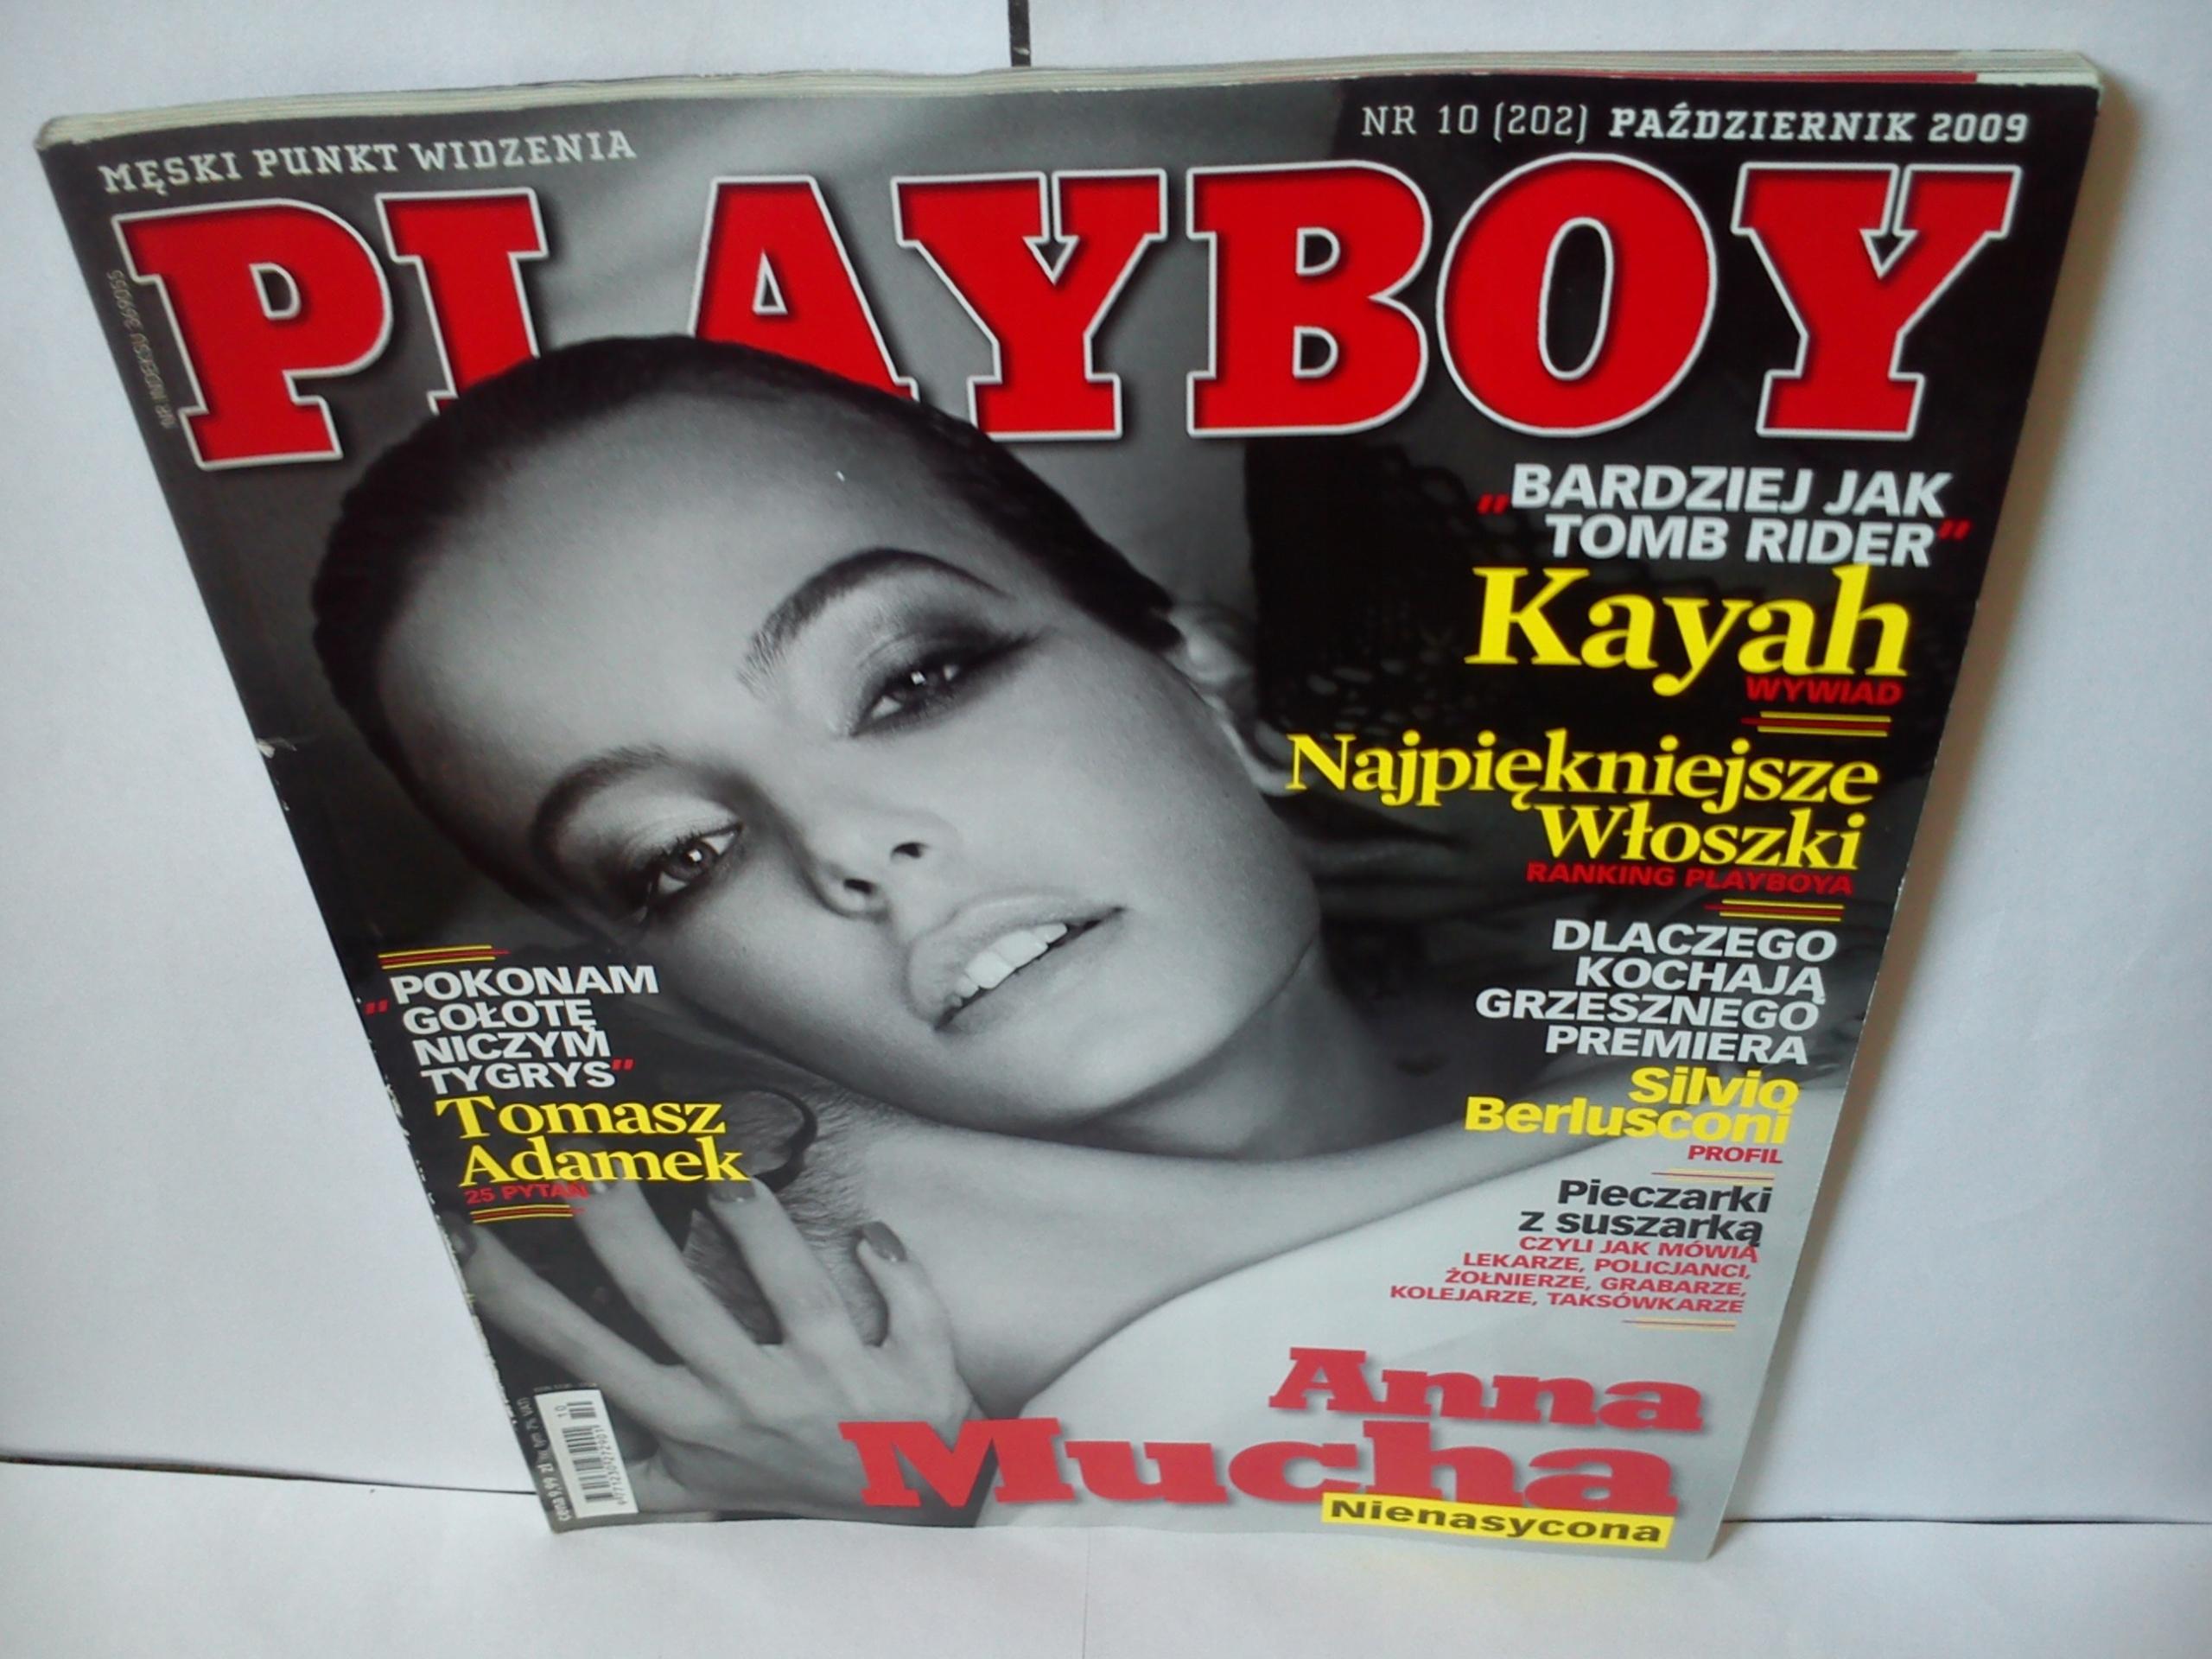 Anna Mucha Playboy playboy 10(202)2009 aktorka anna mucha nago !!!!!!